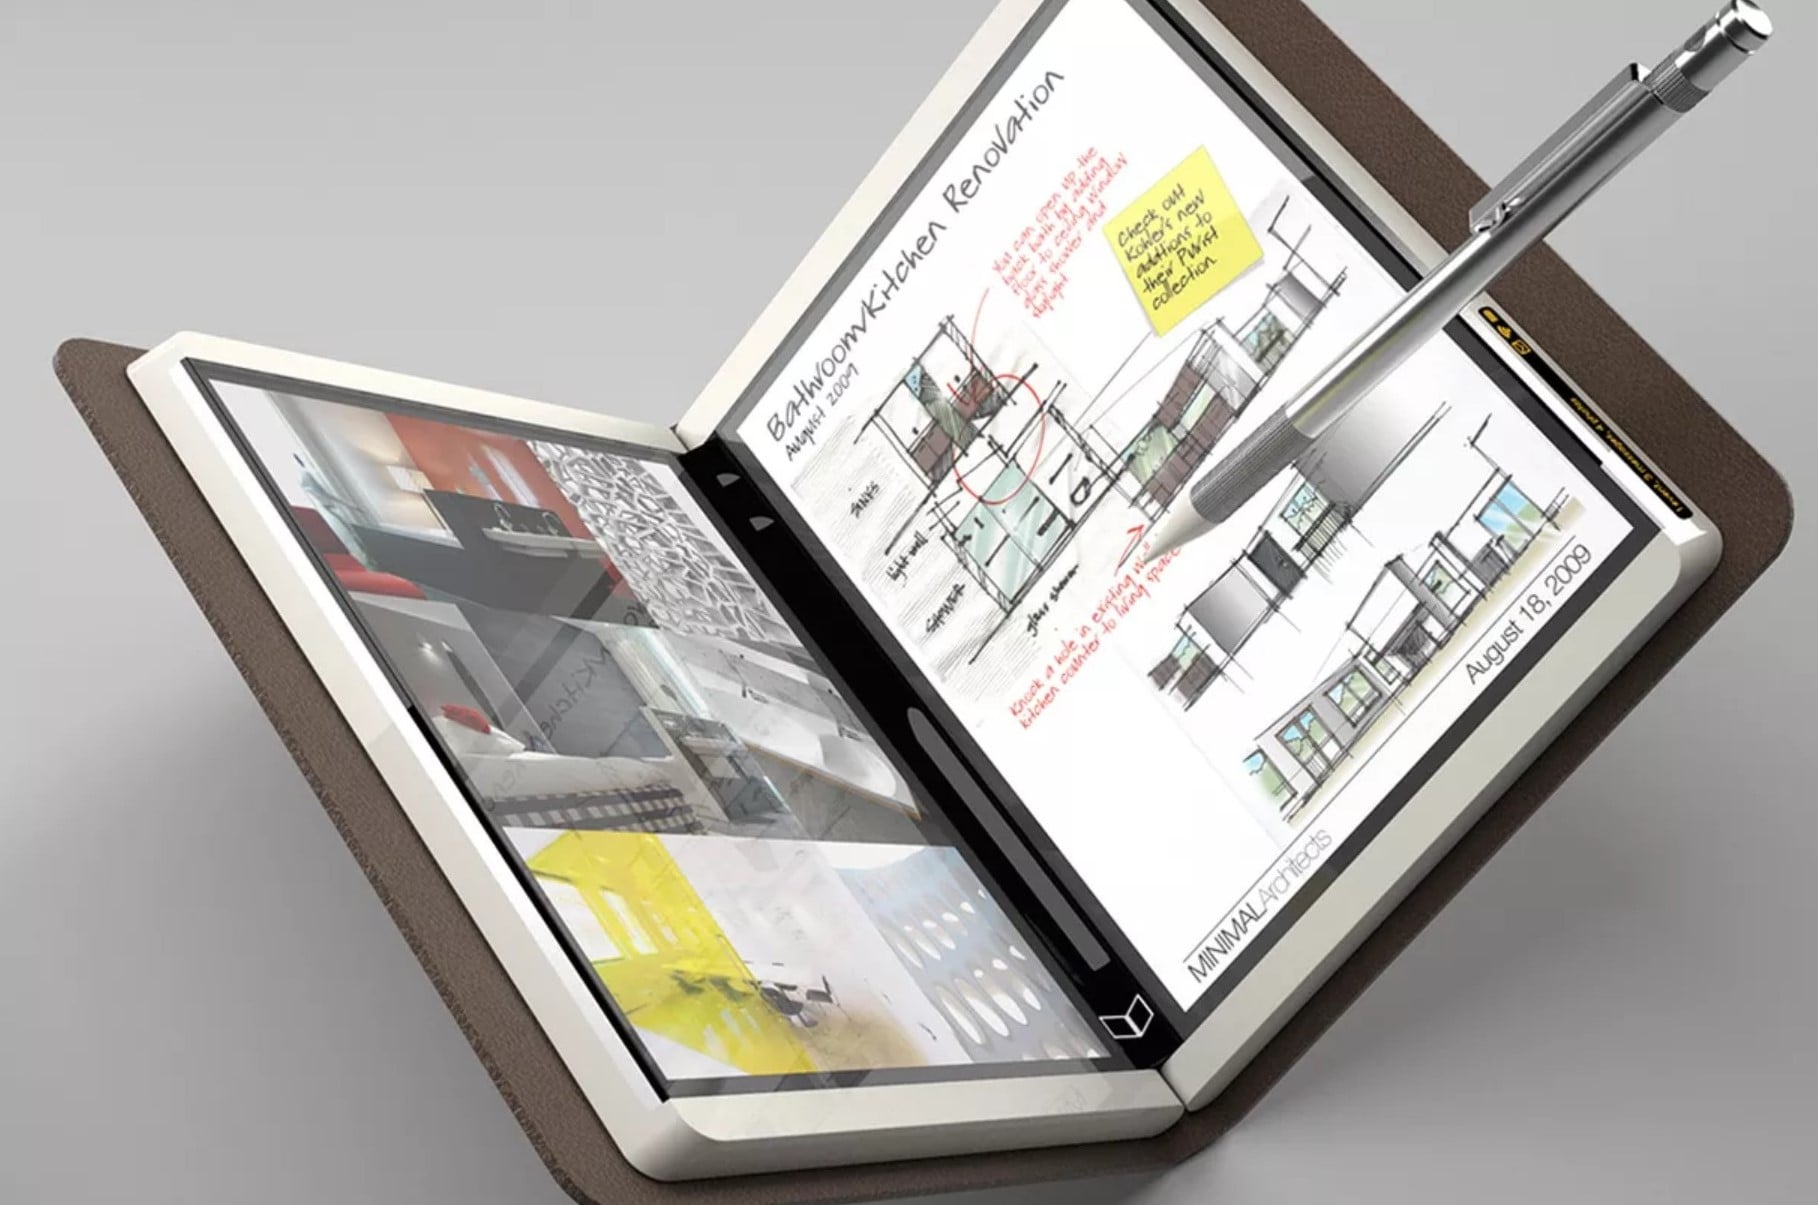 Składane urządzenie Surface z dwoma ekranami na tajnym pokazie w Microsofcie 16